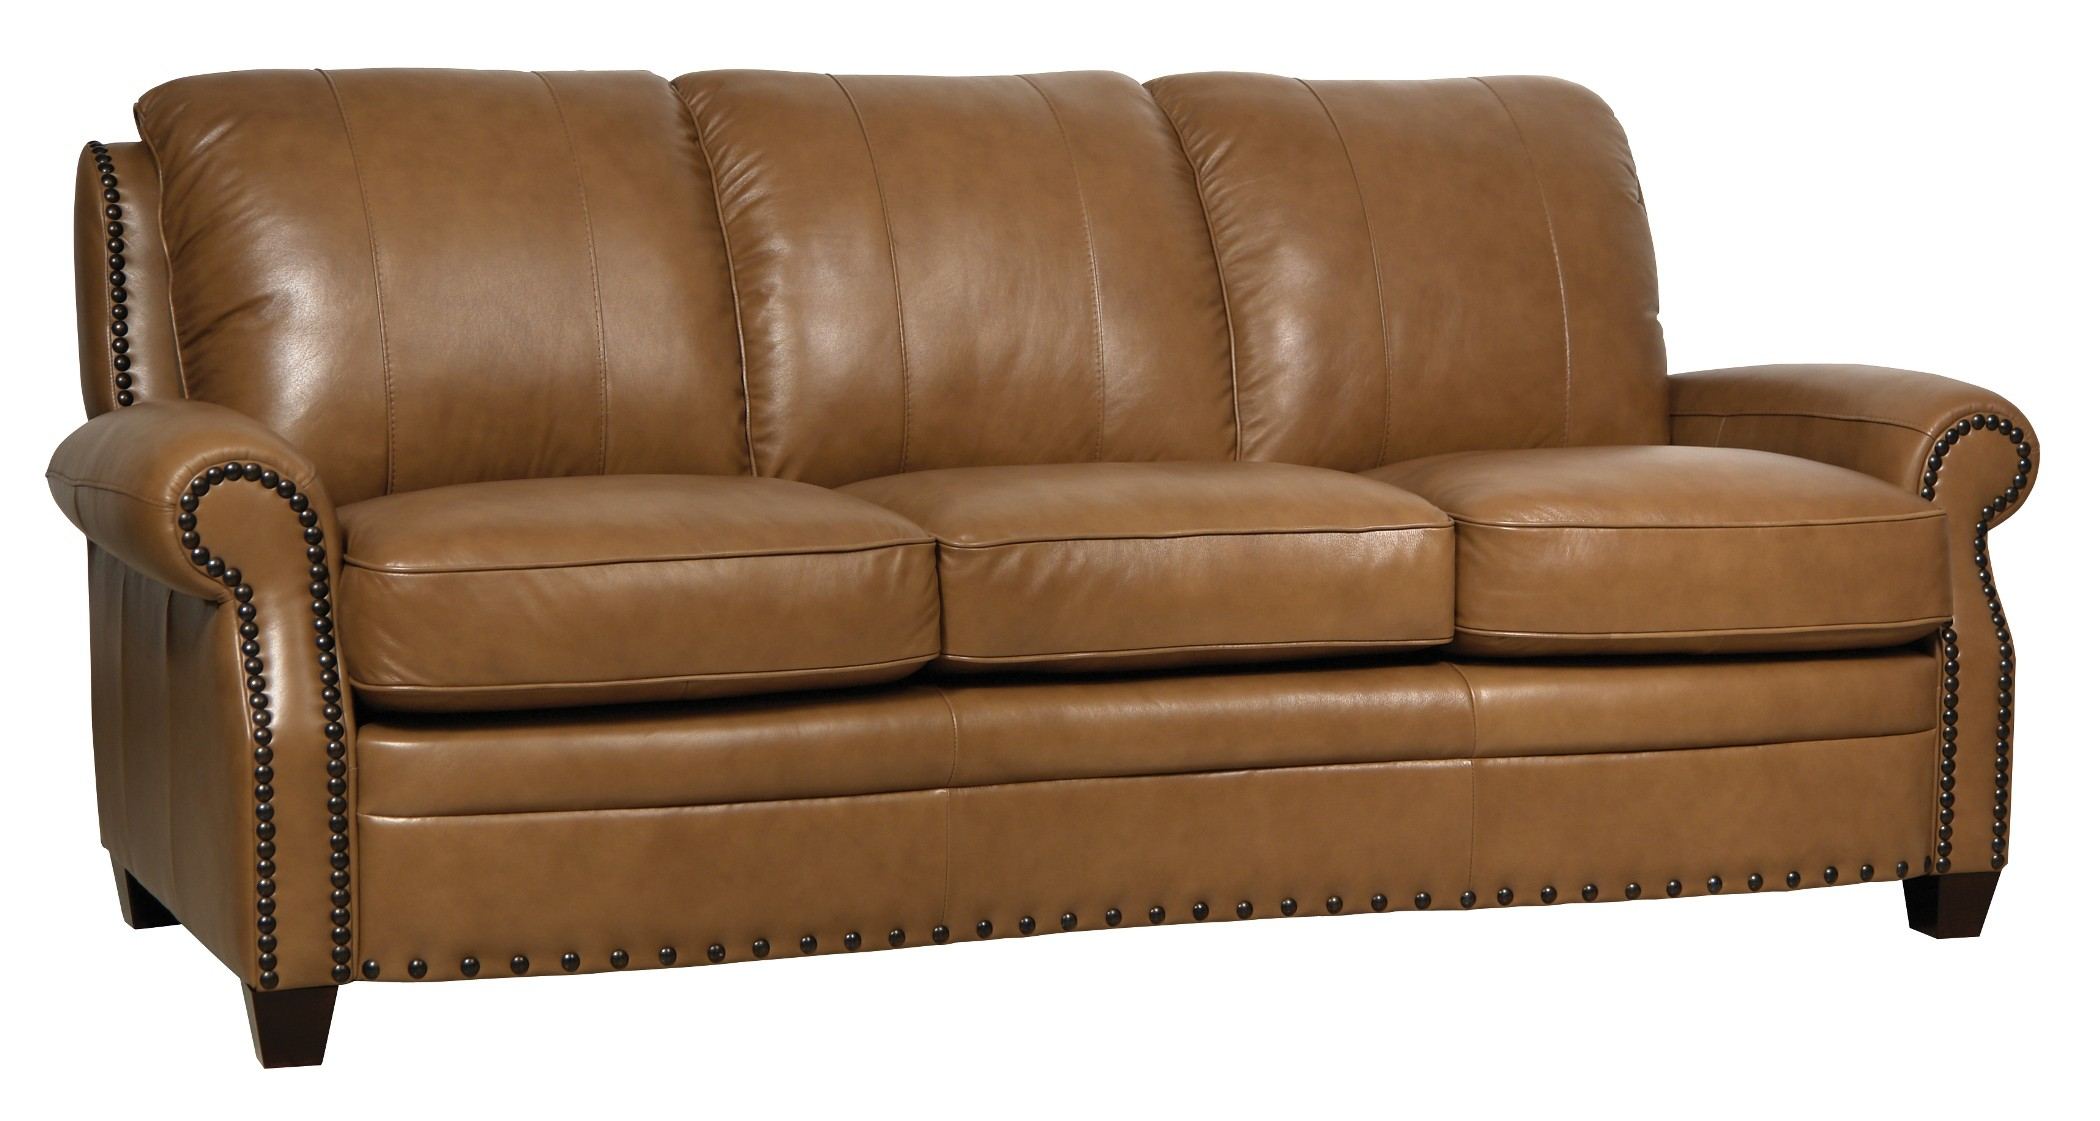 italian leather sofa sleeper sofas orange county ca bennett living room set from luke